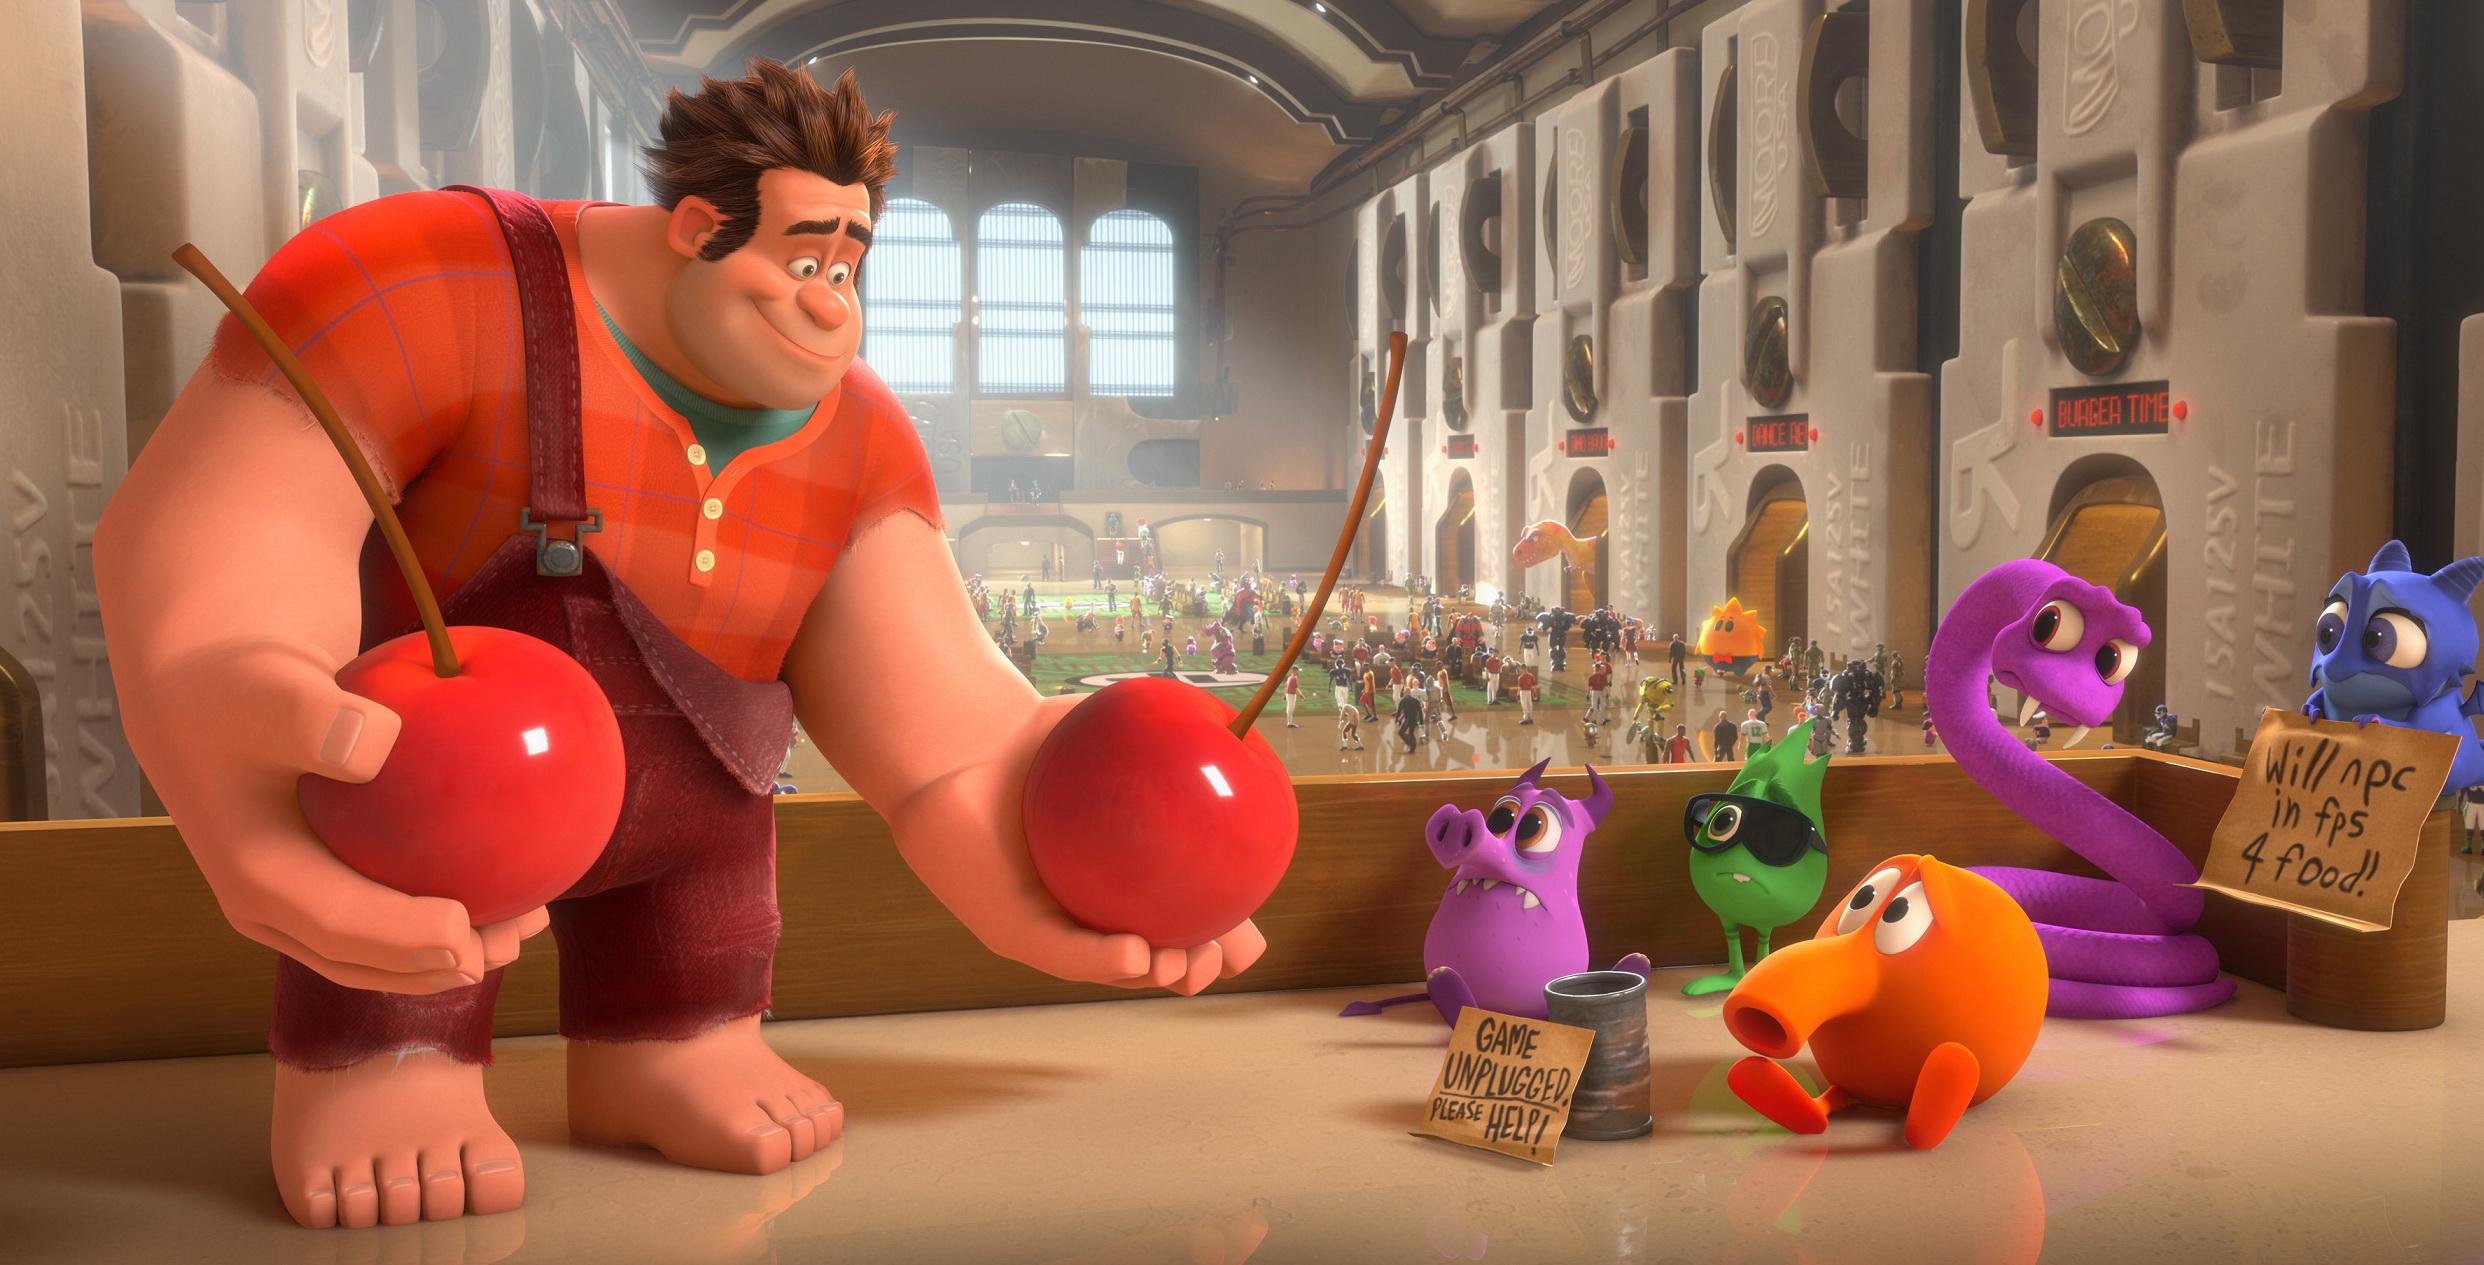 Nuevo trailer de Wreck-it Ralph muestra lo que los personajes de videojuegos hacen en su tiempo libre [Vídeo]